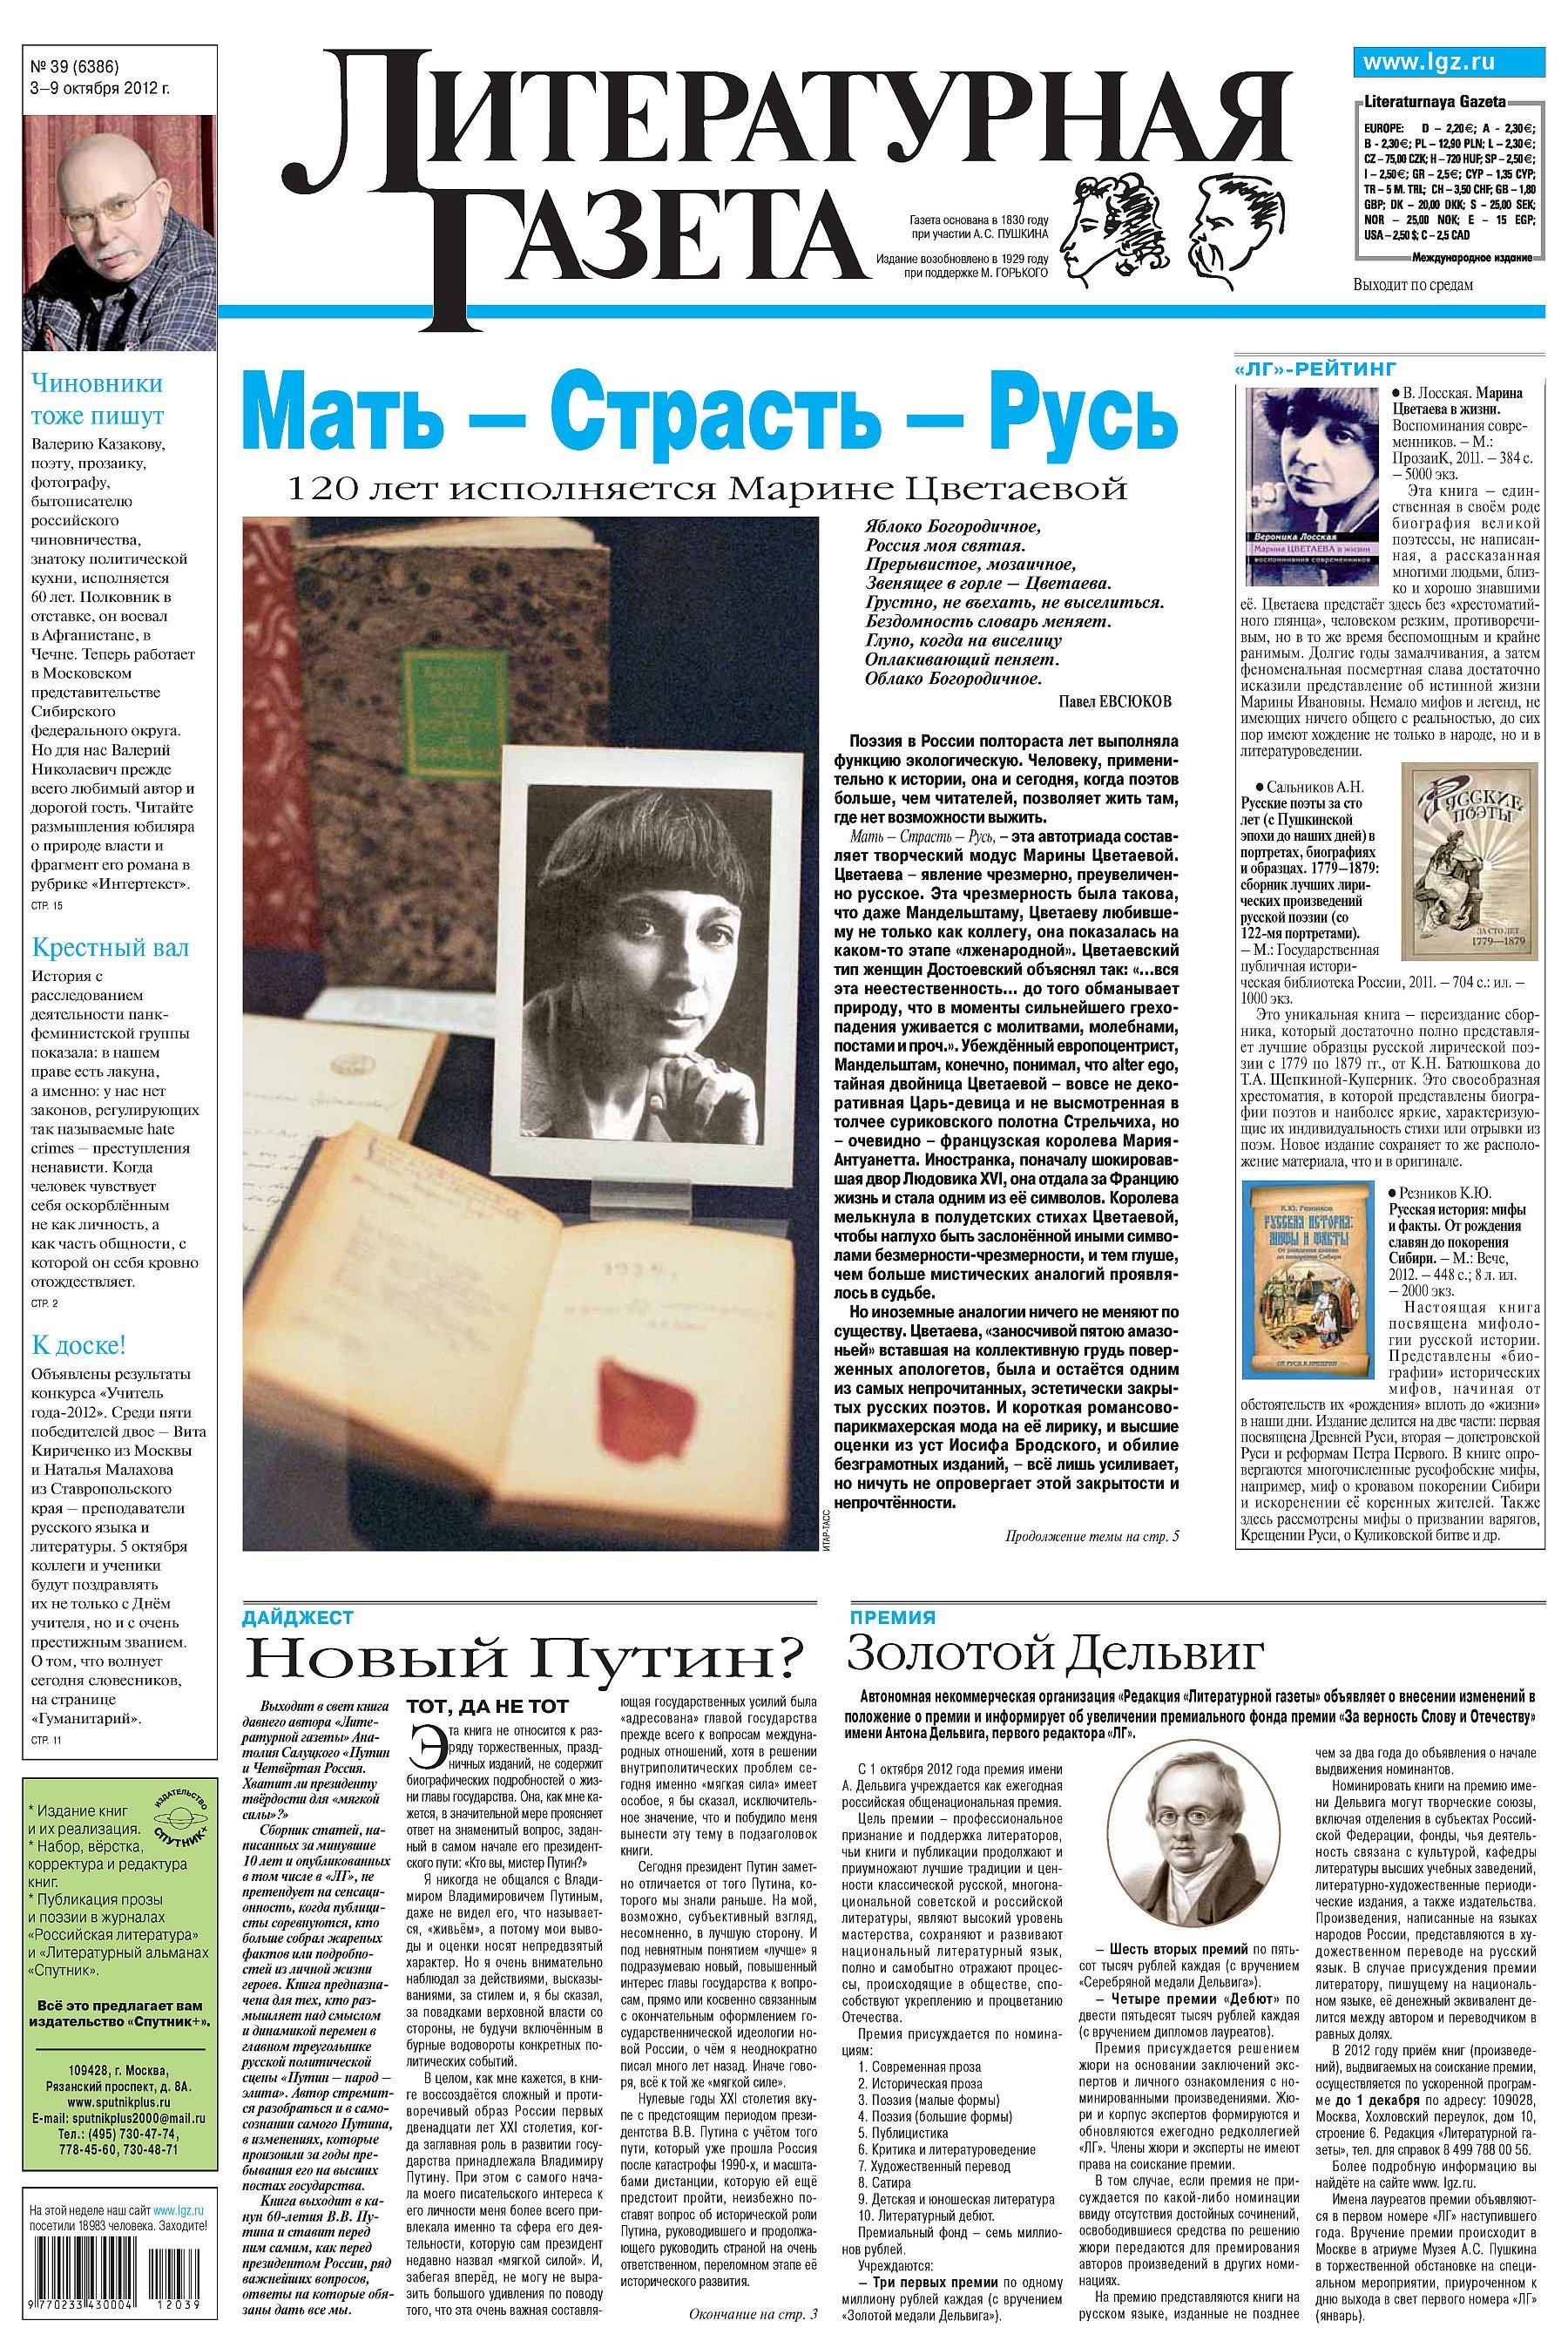 Литературная газета №39 (6386) 2012